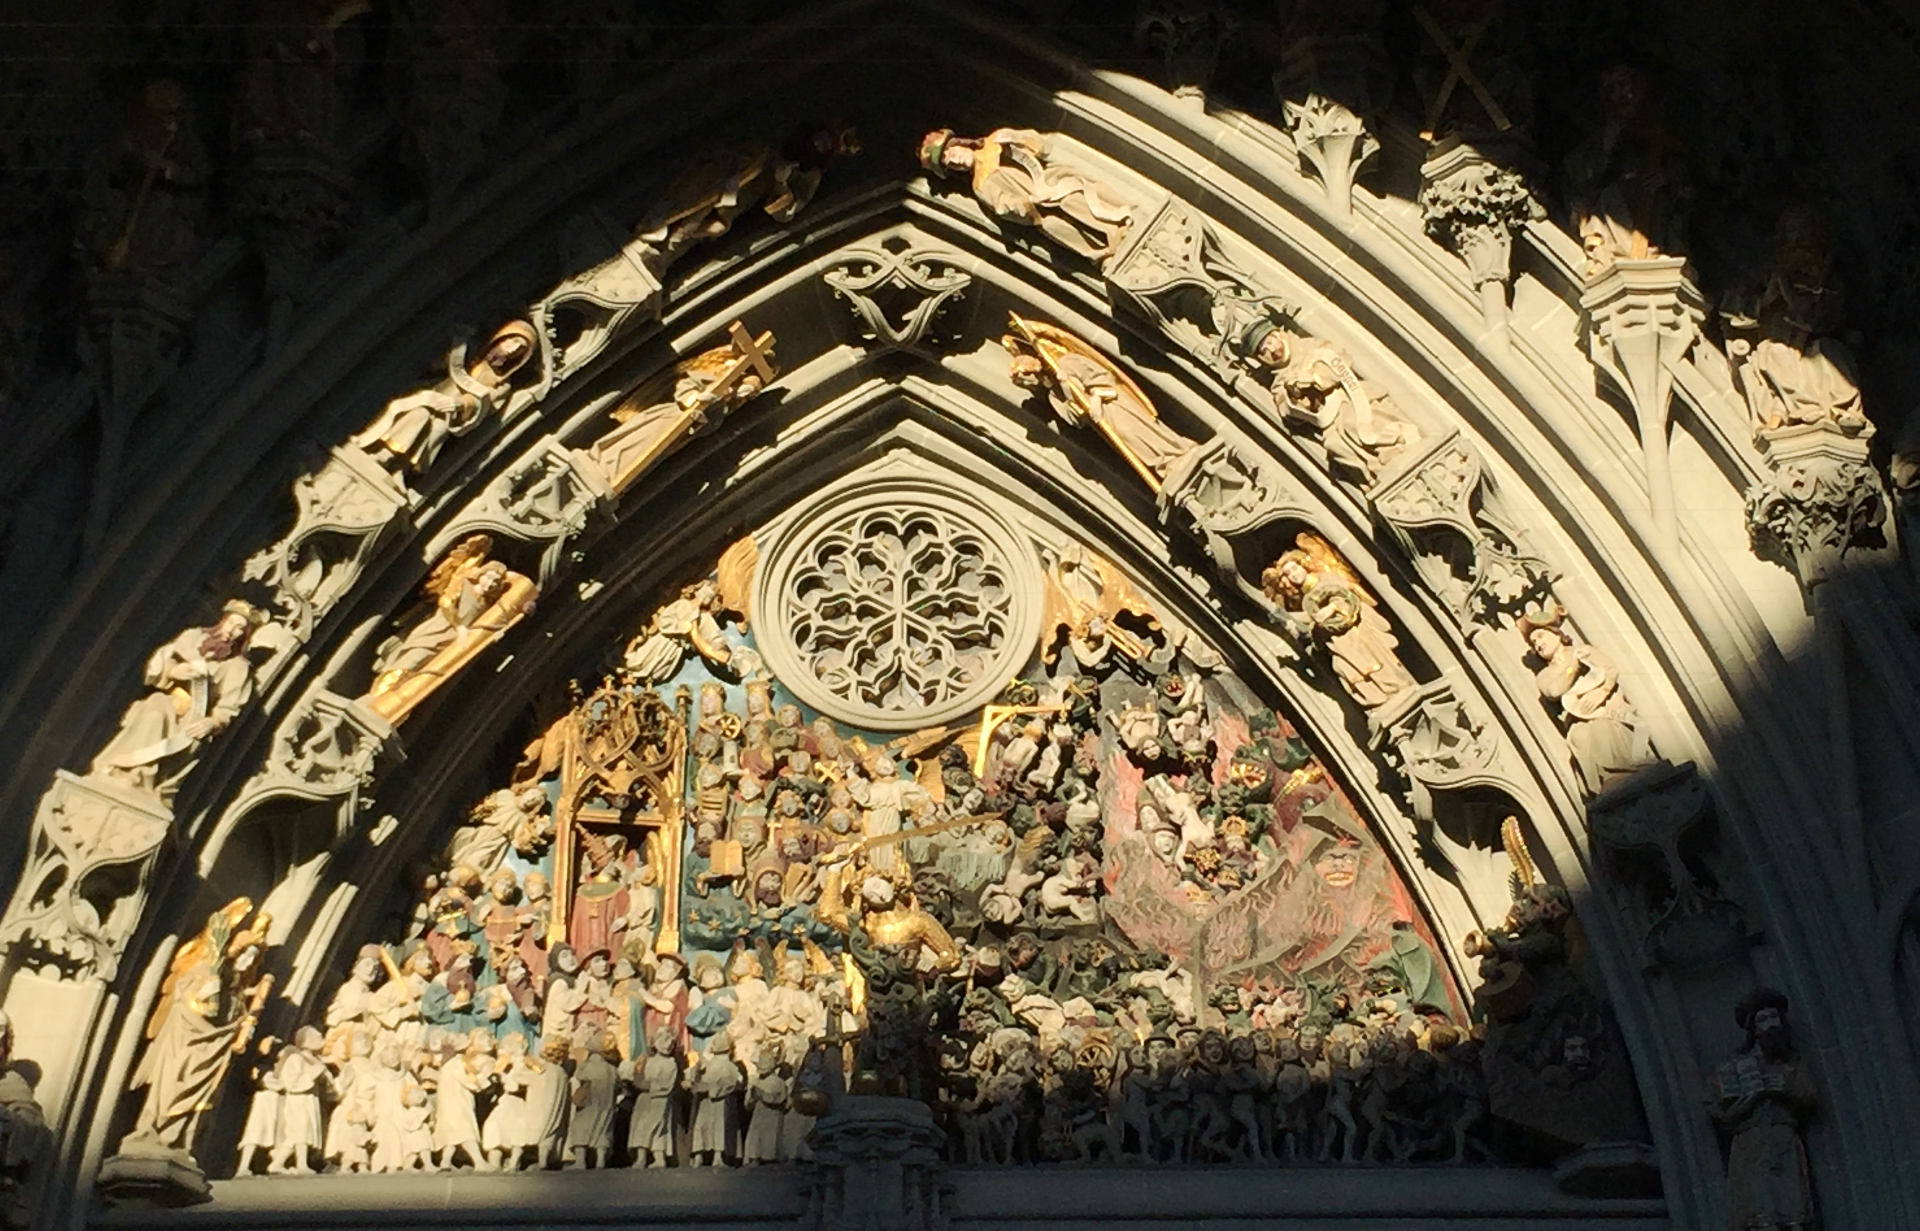 szwajcaria berno bern katedra scenasadu staremiasto stolica iglawpodrozy